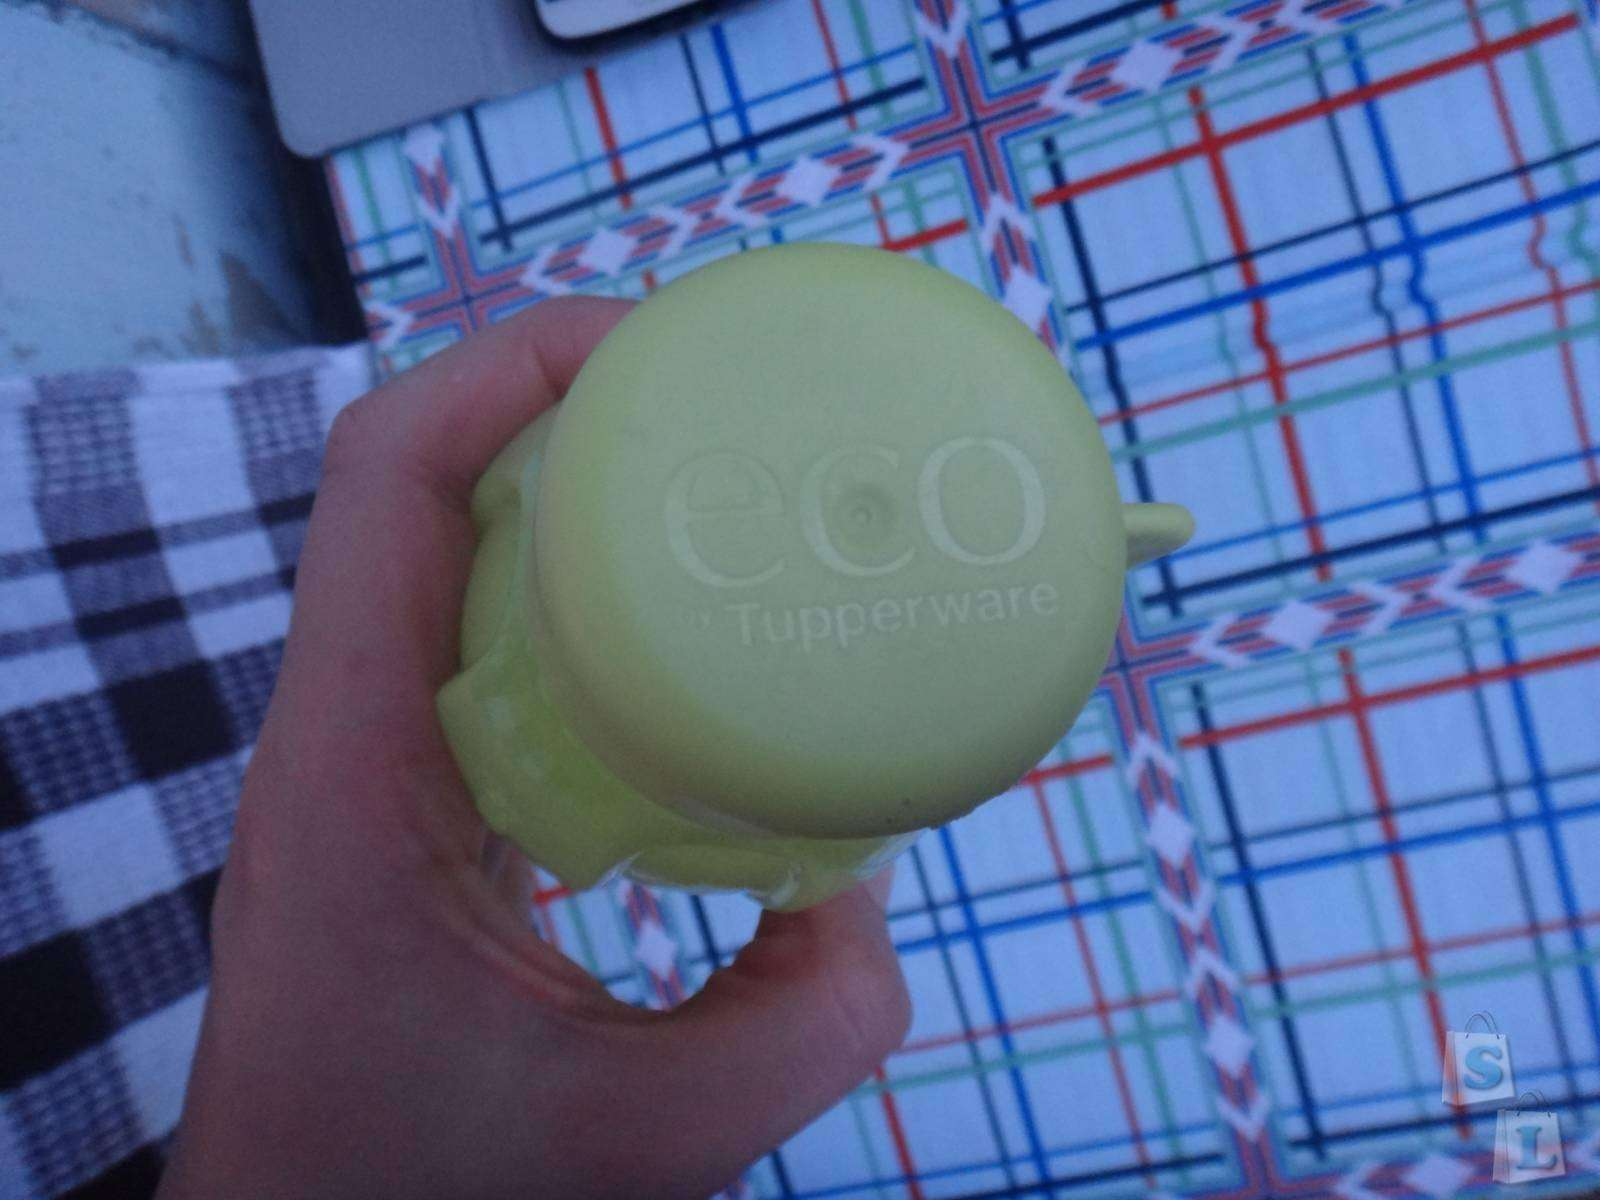 Другие: Обзор-отзыв о мини бутылочке из Эко пластика фирмы Tupperware емкостью 310мл